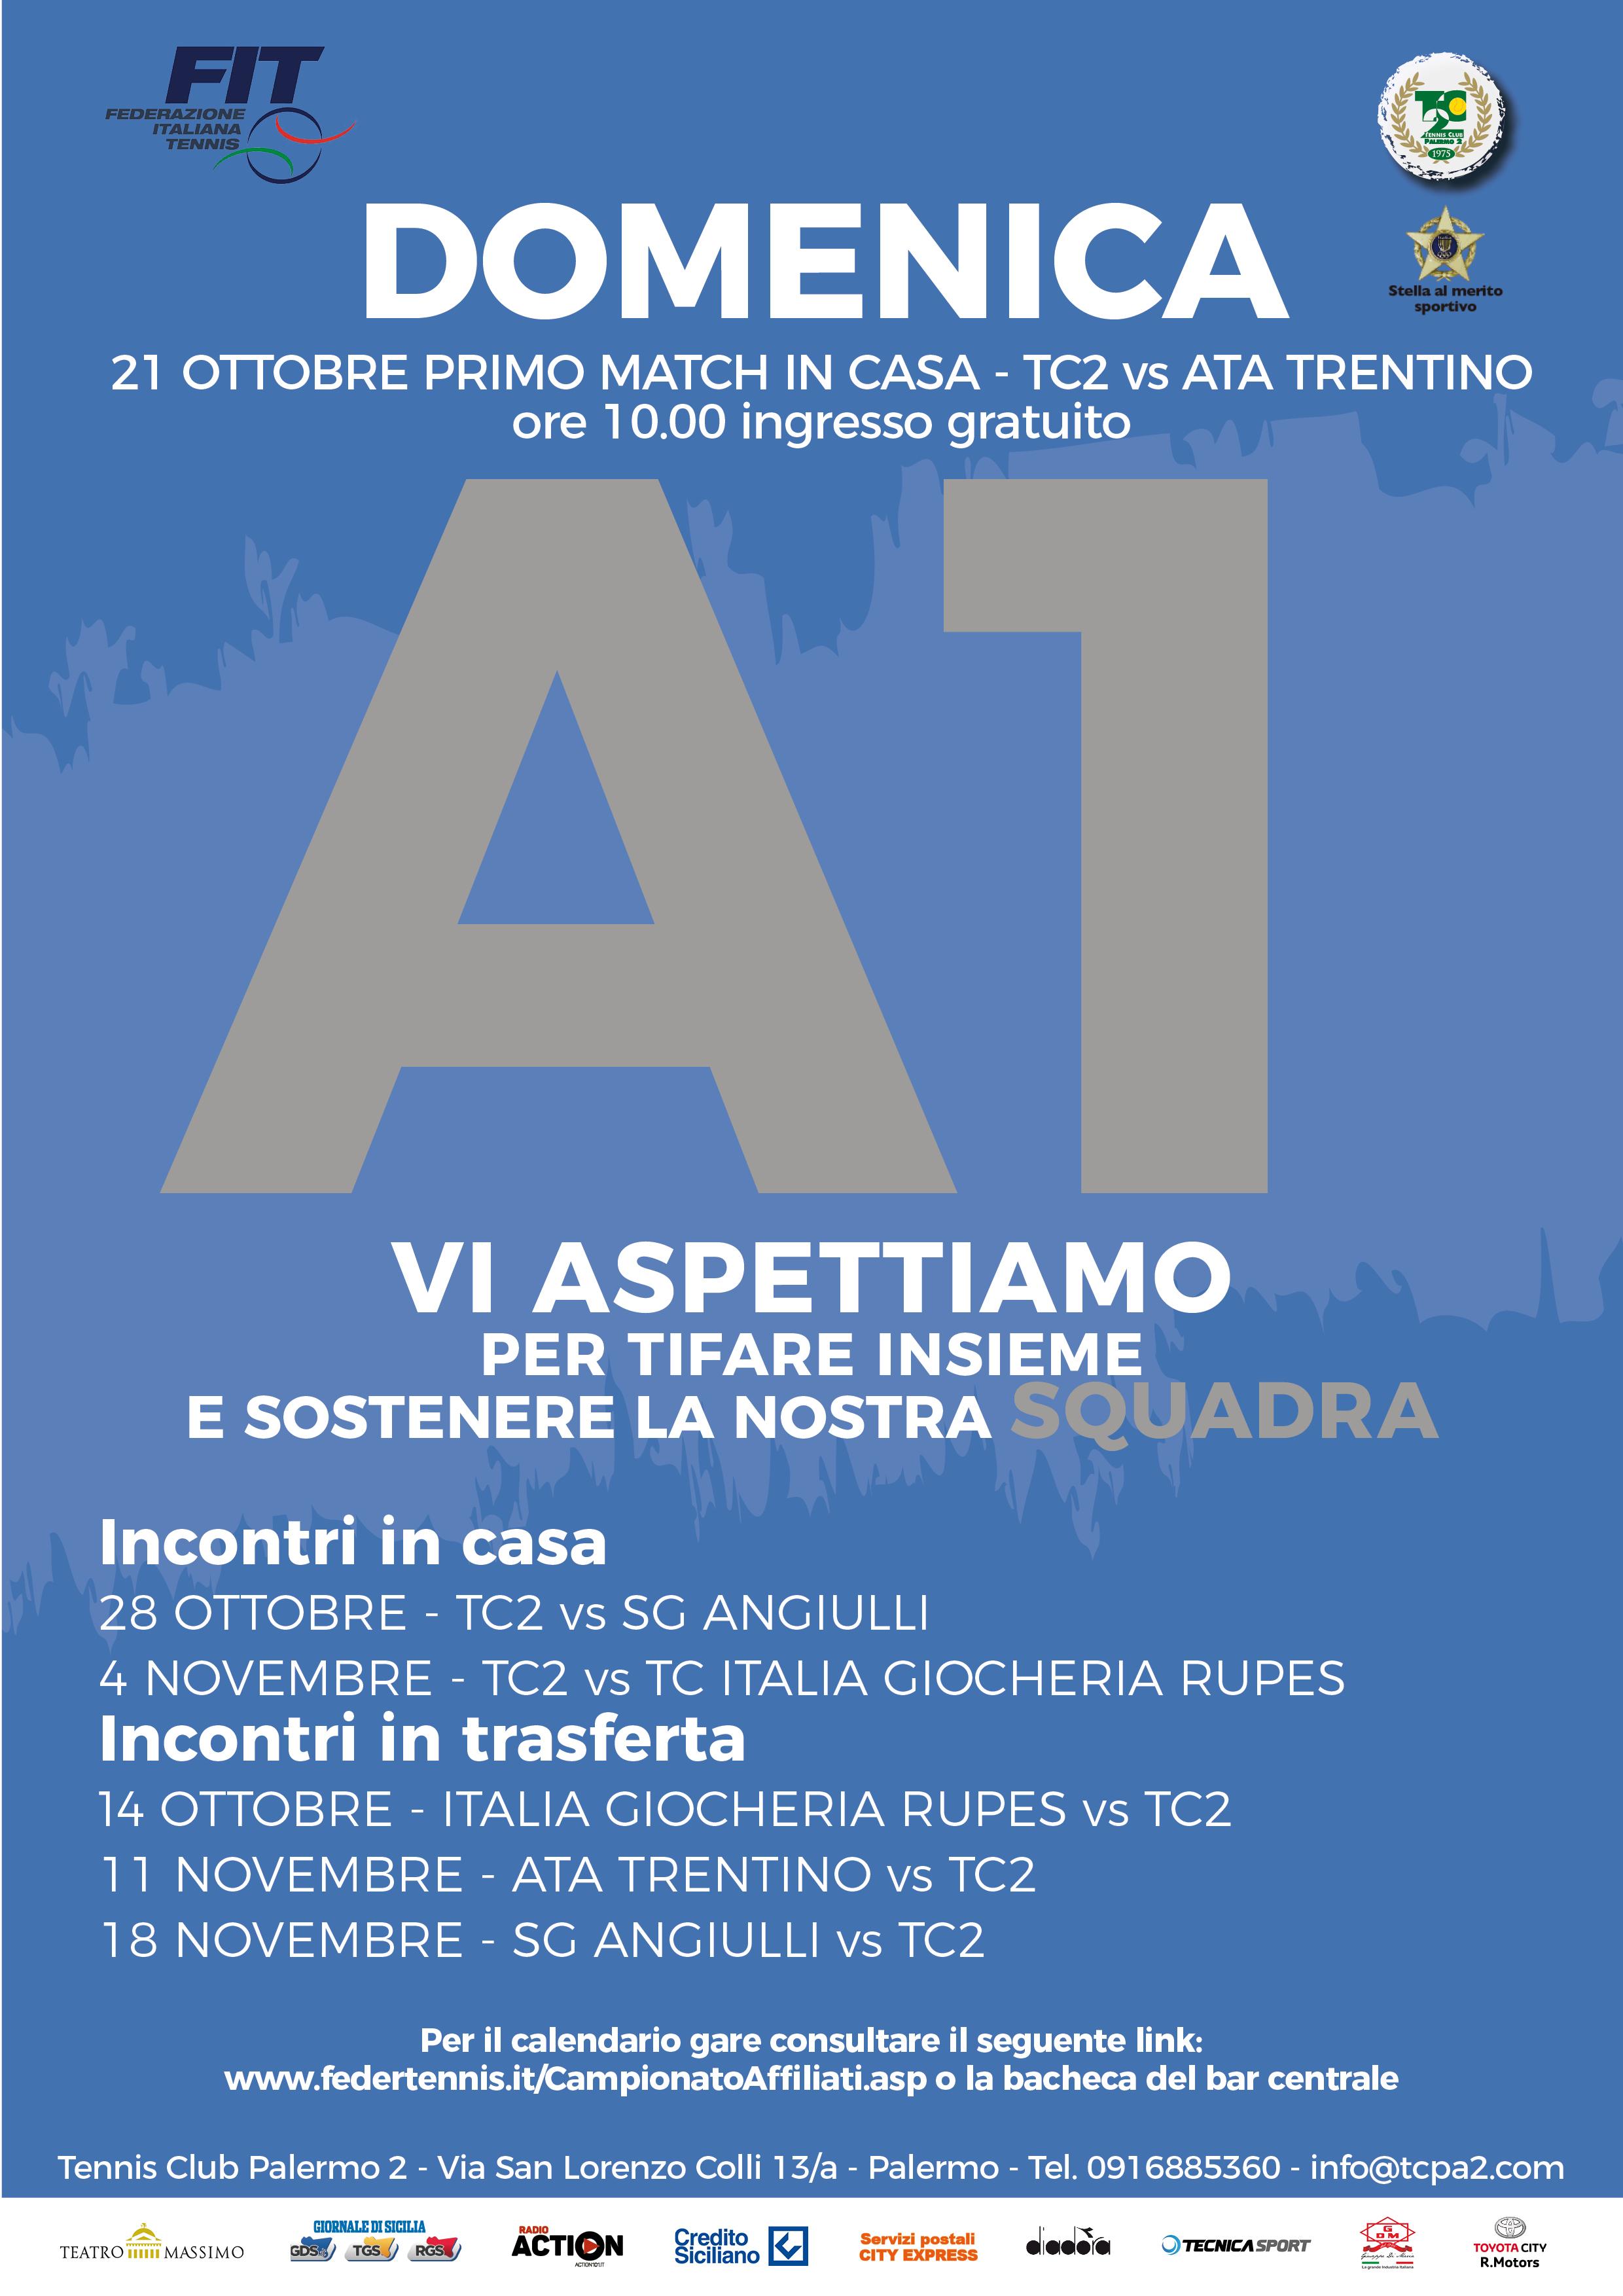 invito-tc2-serie-a1-1